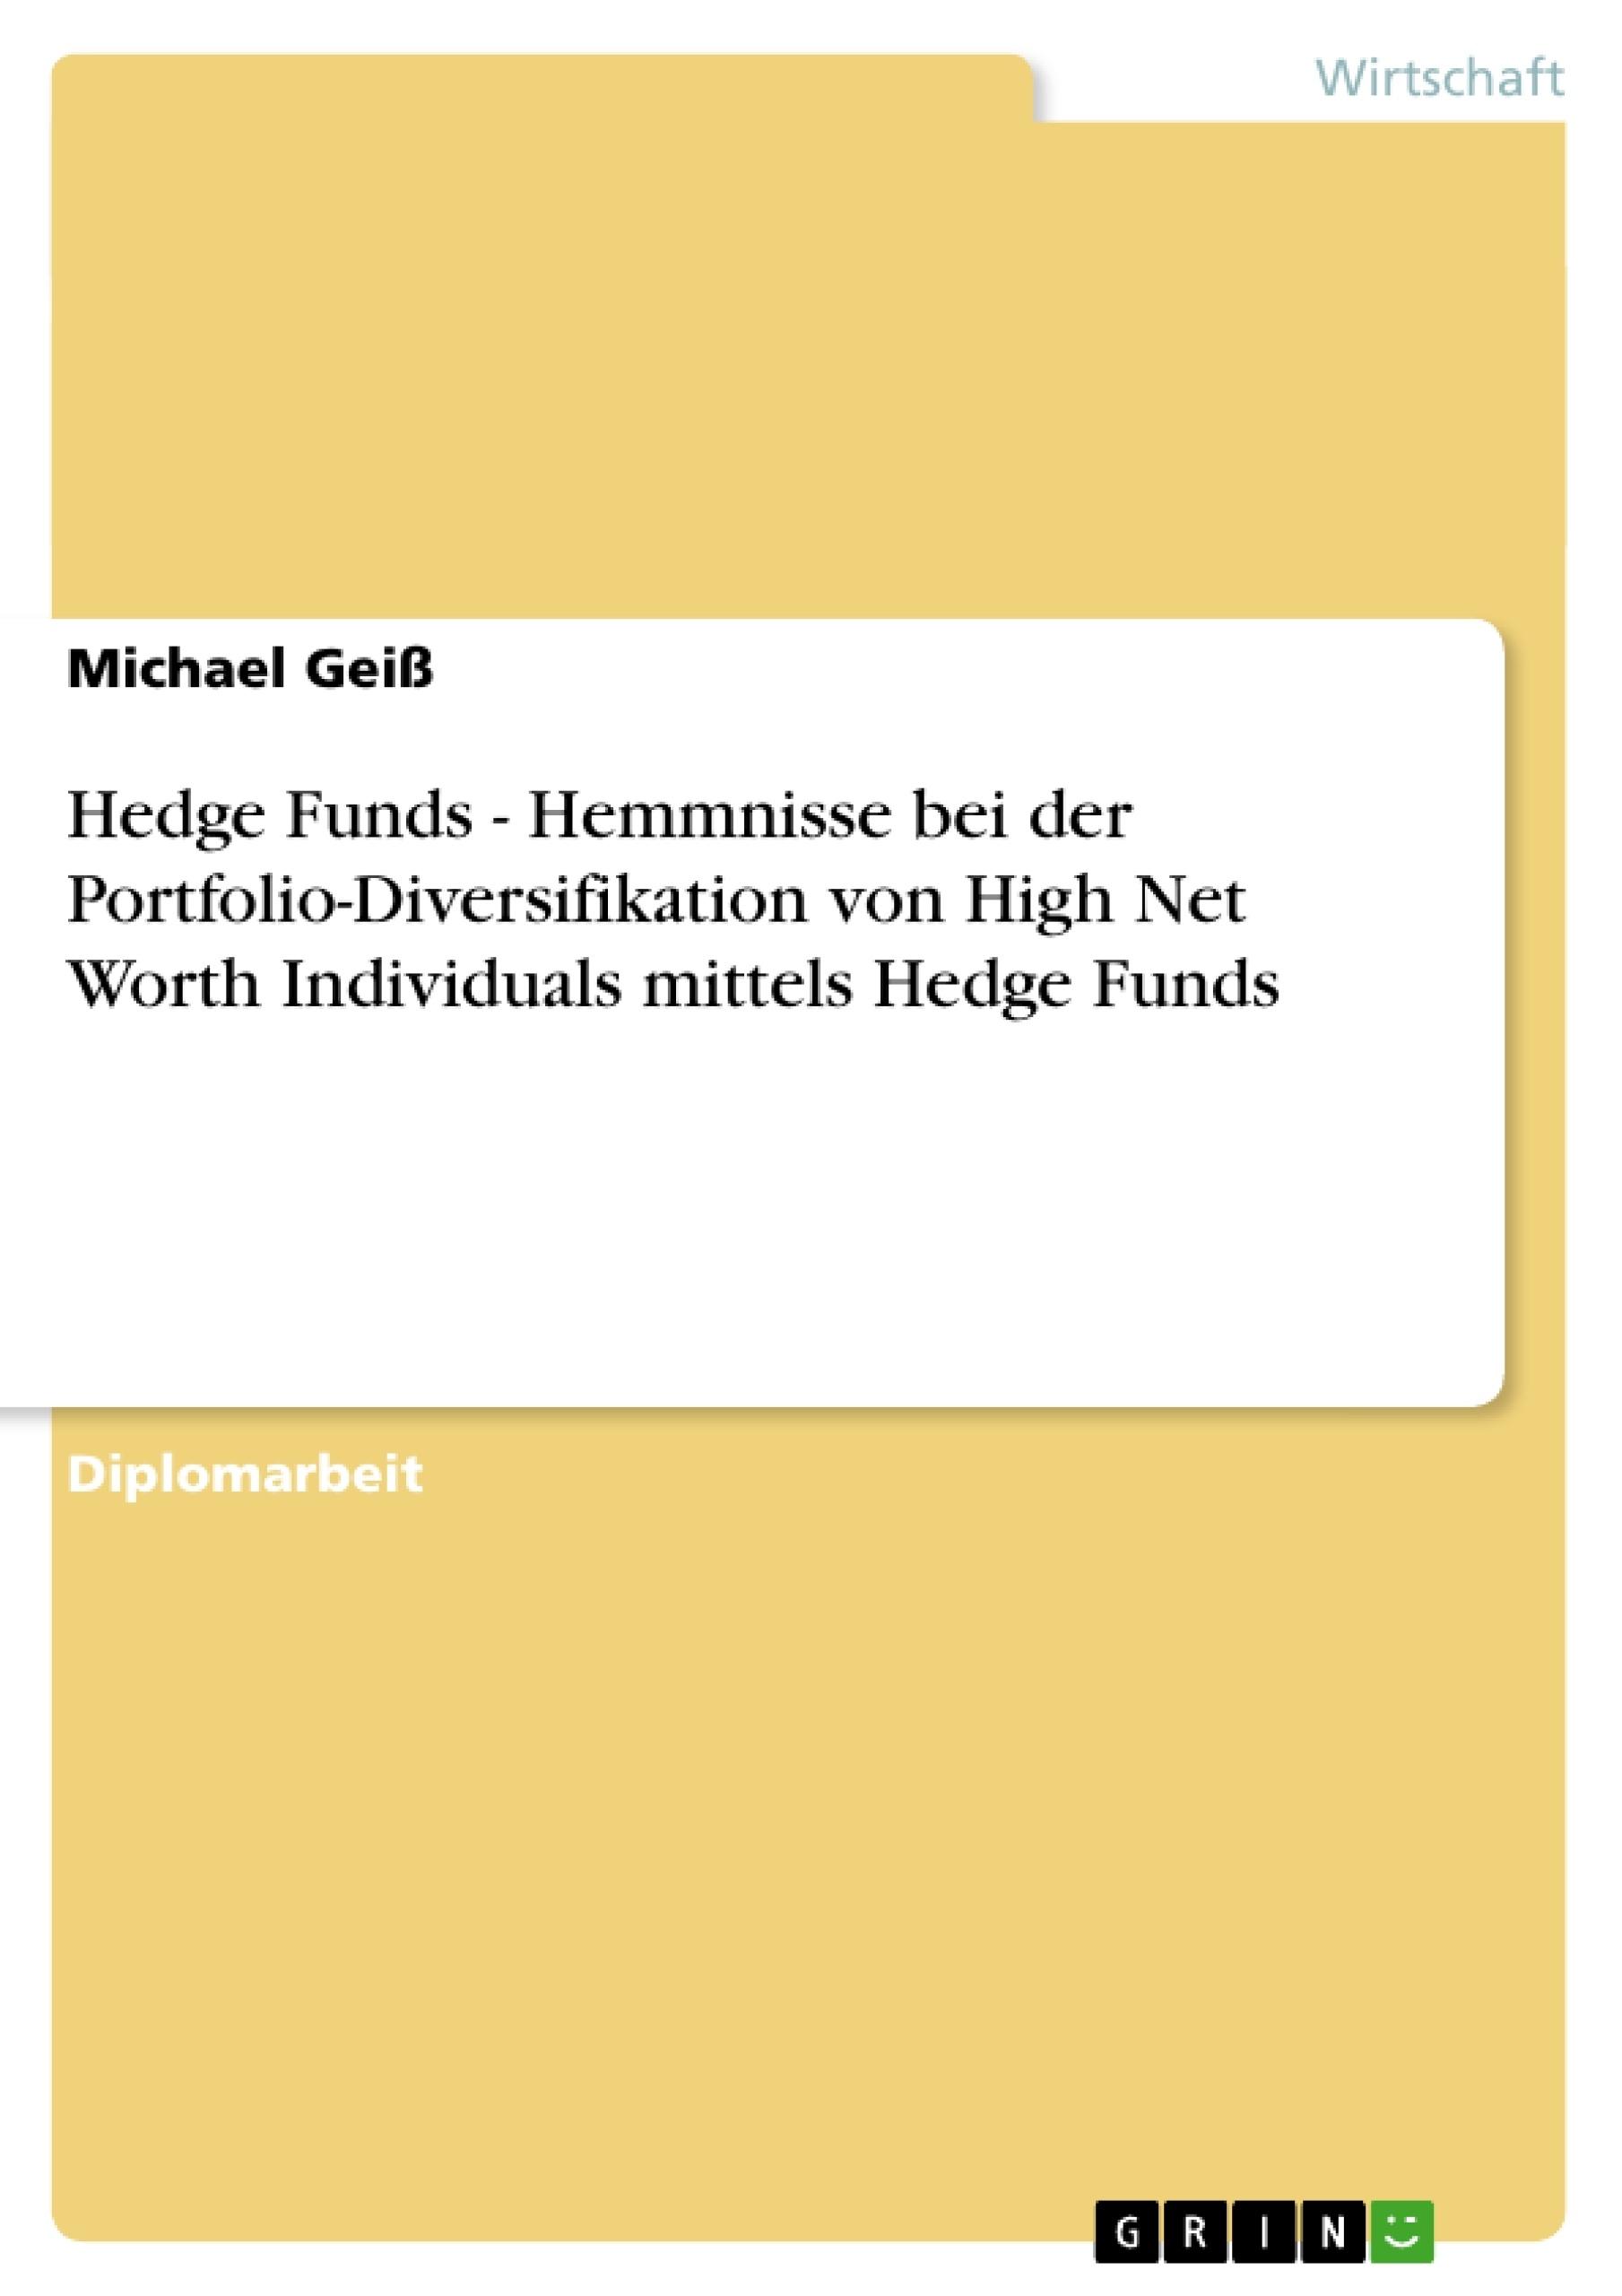 Titel: Hedge Funds - Hemmnisse bei der Portfolio-Diversifikation von High Net Worth Individuals mittels Hedge Funds